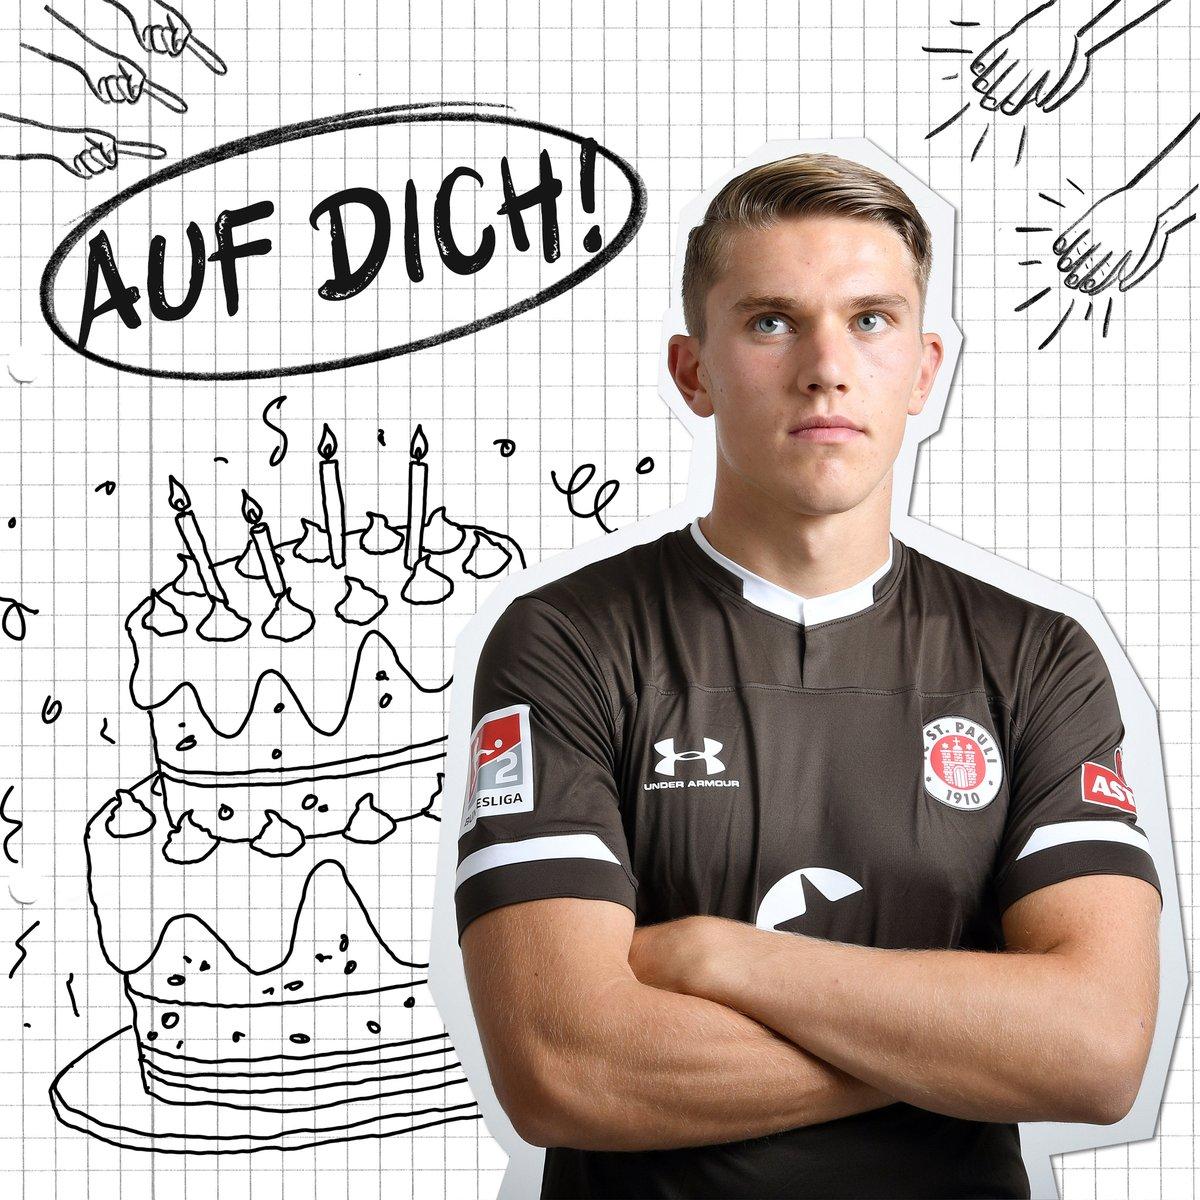 Hurra! Hurra! Hurra! 🎶 Viktor #Gyökeres fyller år idag. Grattis på födelsedagen! 🎉 Alles Gute zum, 2️⃣2️⃣. Geburtstag, Viktor! 🎂🎁 #fcsp | #HappyBirthday